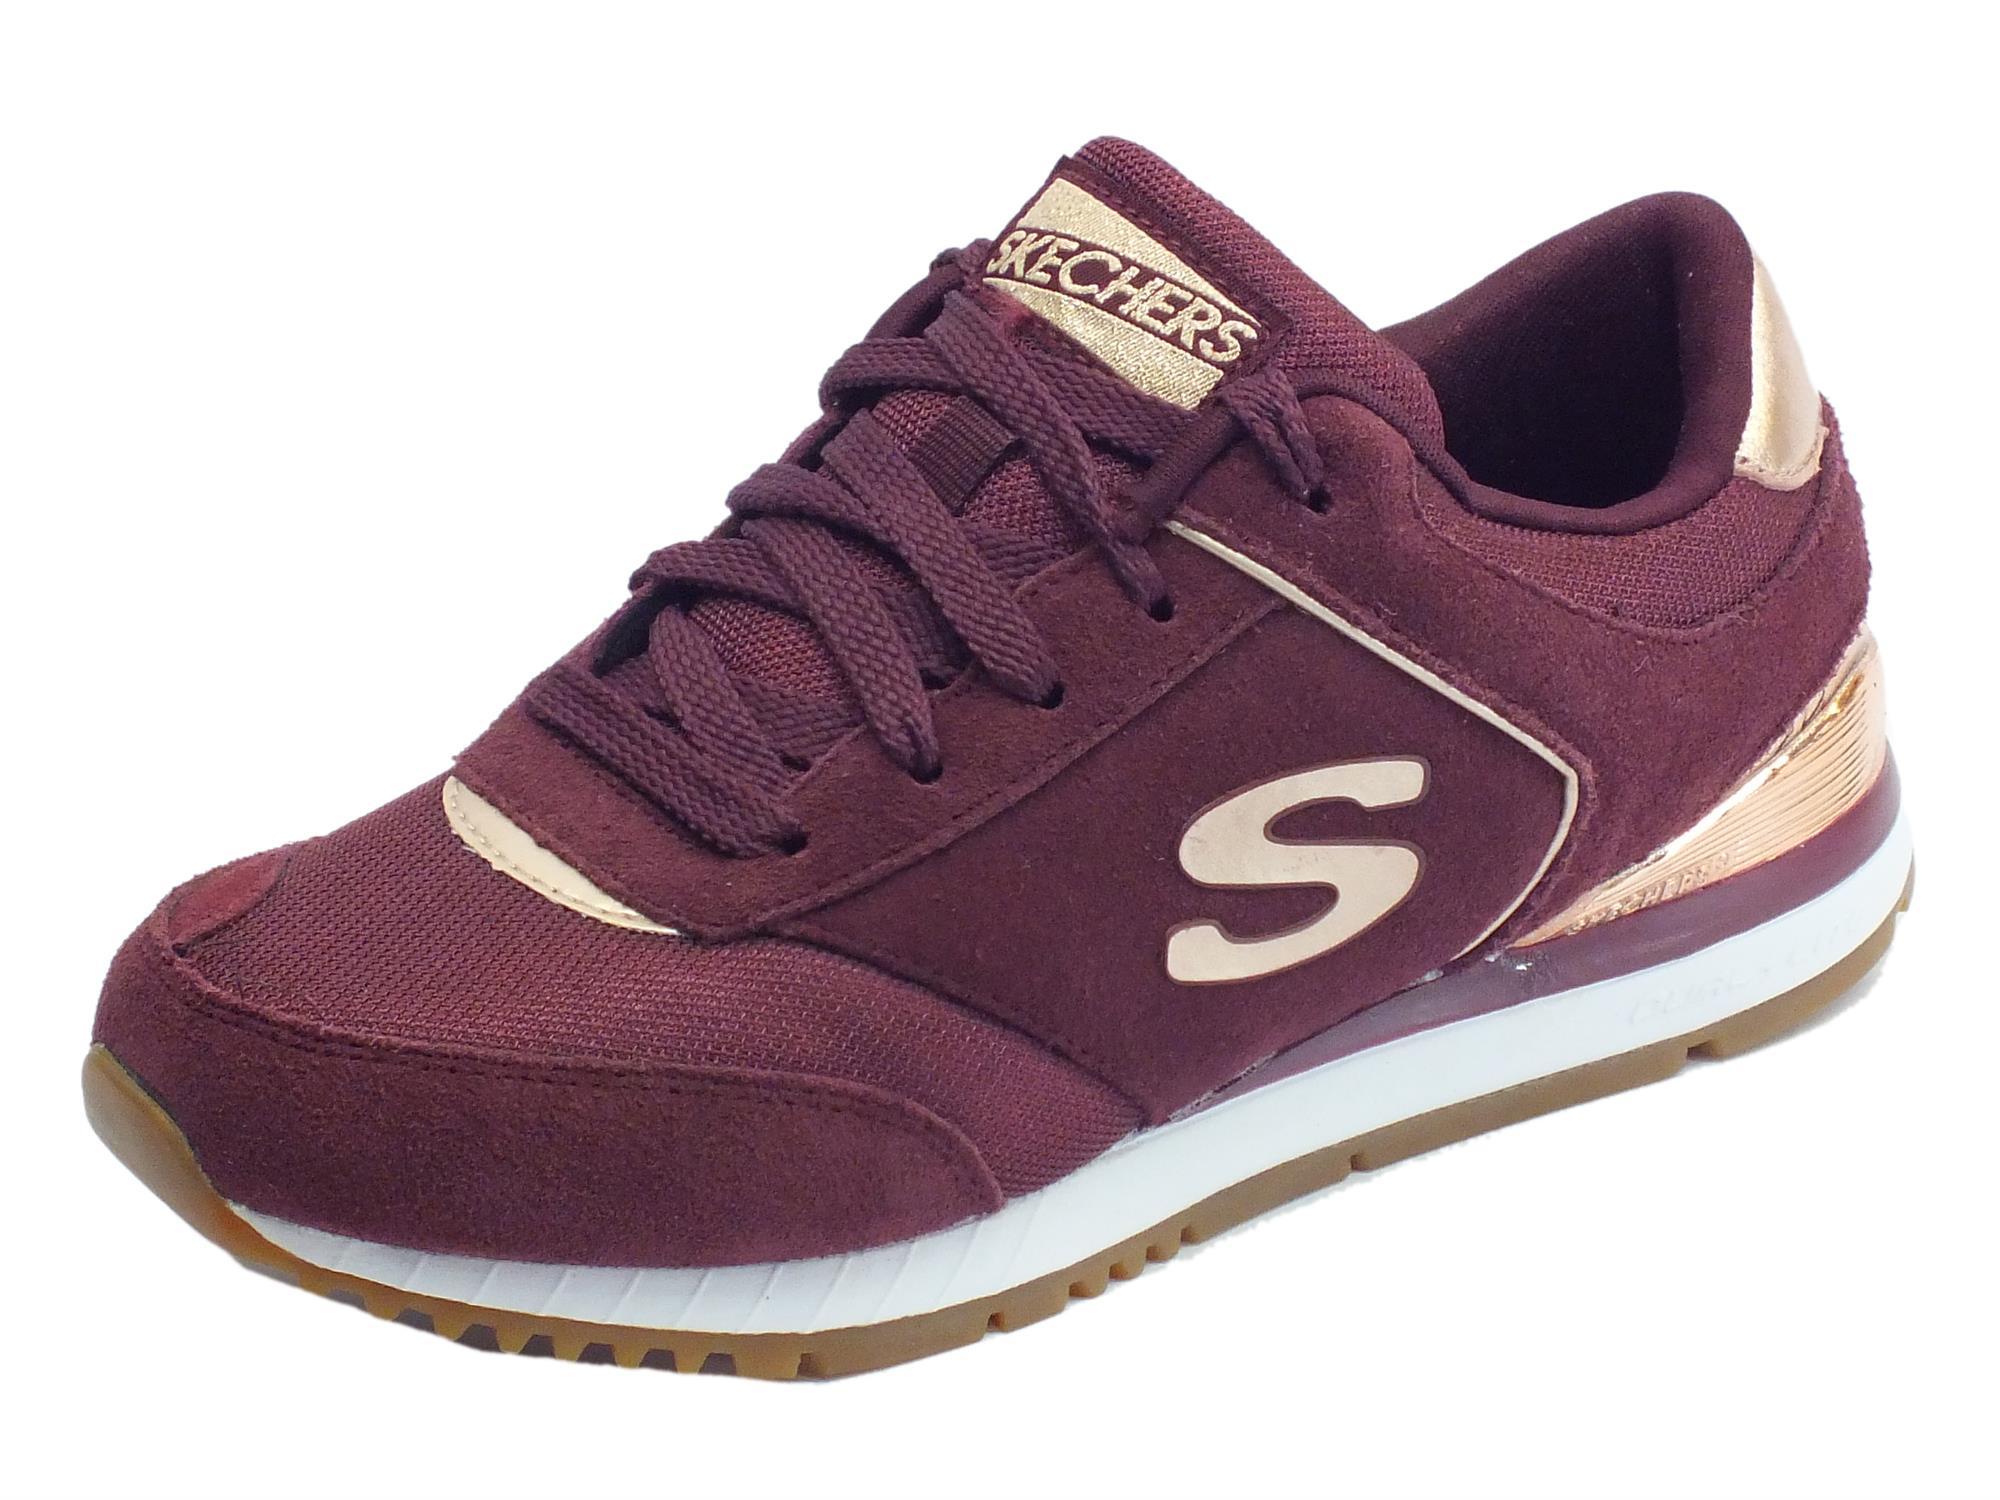 Scarpe sportive per donna Skechers Originals in tessuto e camoscio colore bordeaux